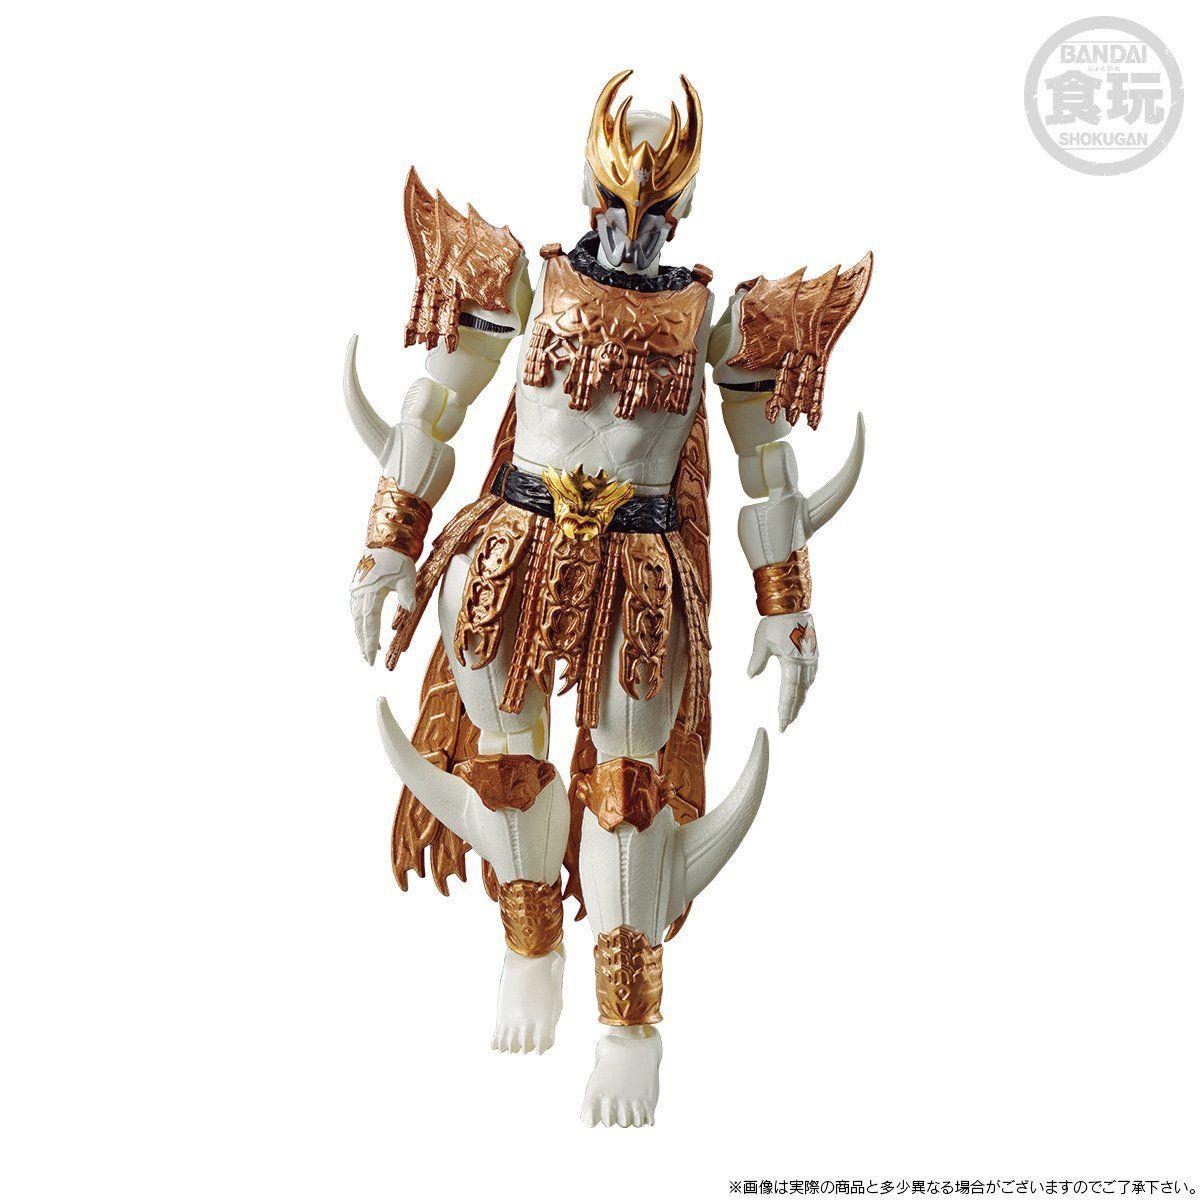 【限定販売】【食玩】SO-DO CHRONICLE『ン・ダグバ・ゼバ』仮面ライダークウガ 可動フィギュア-004